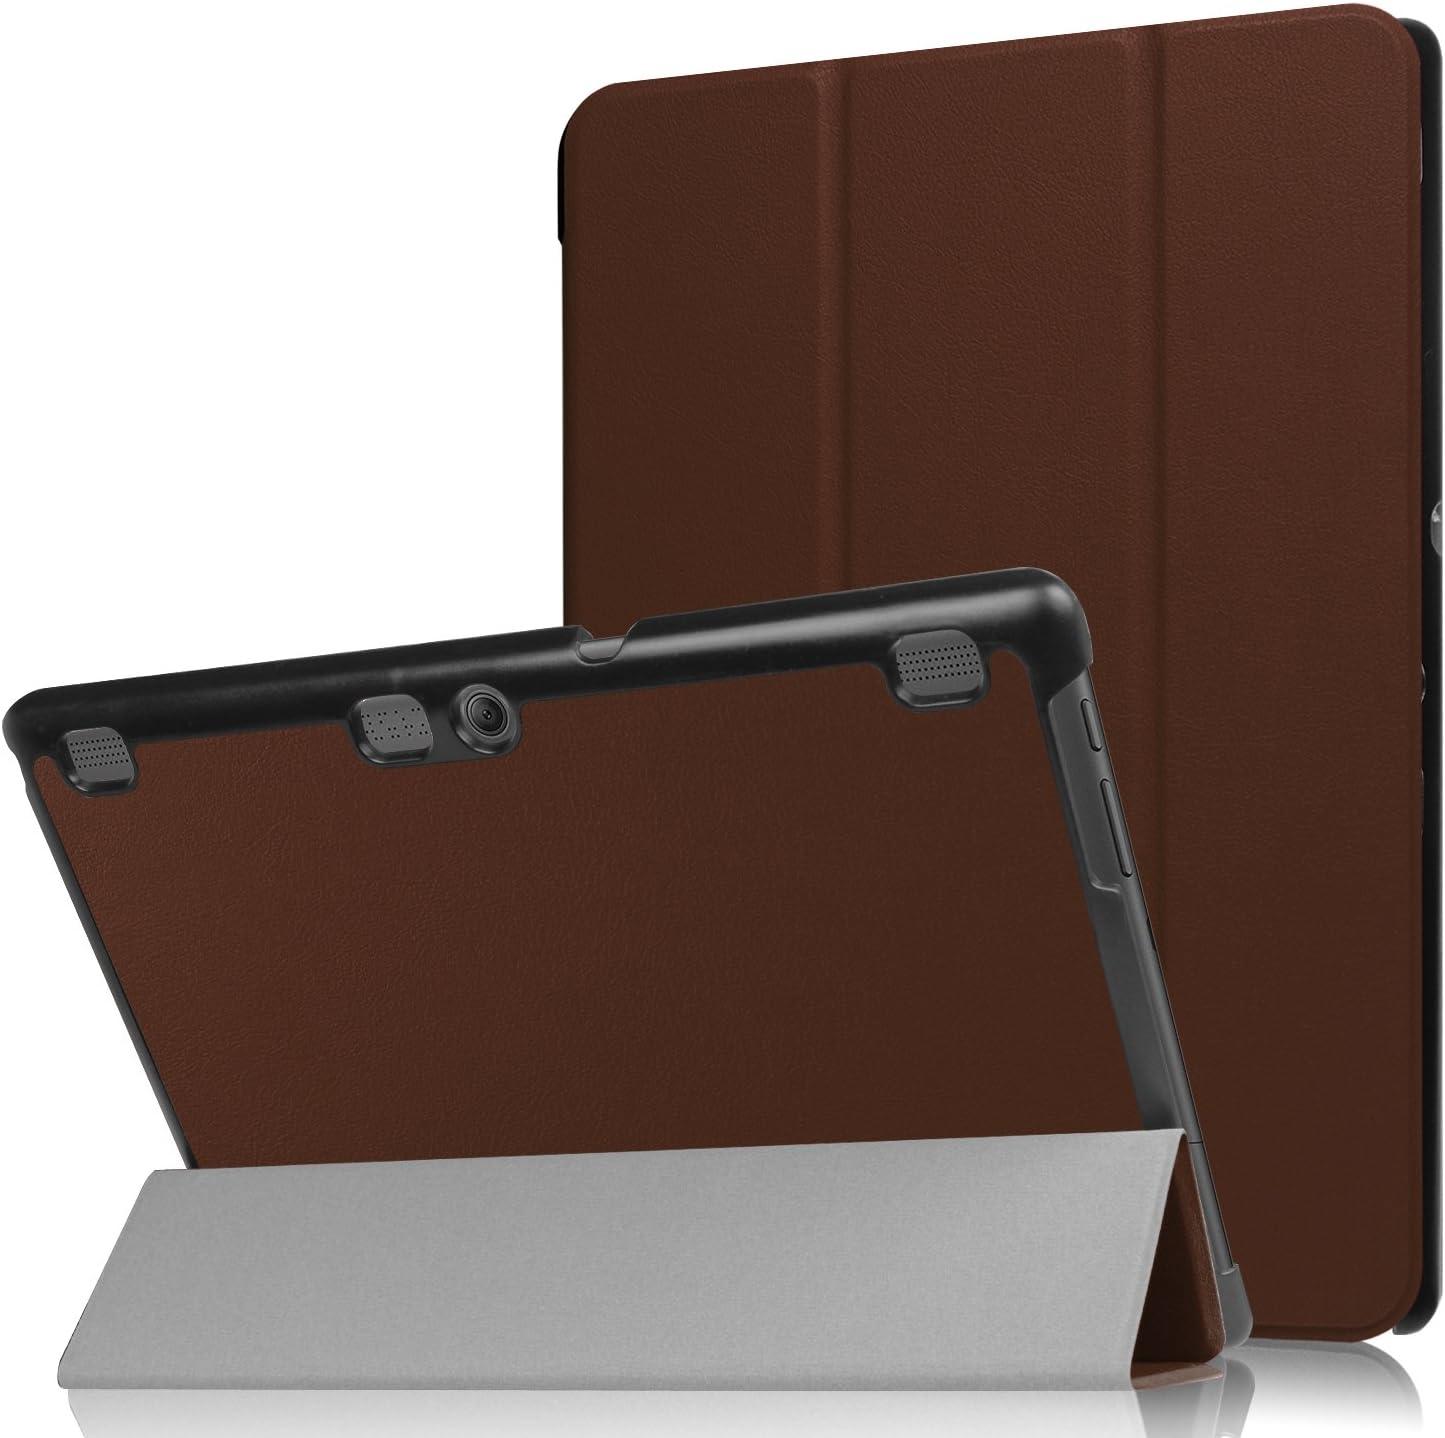 """Asng Lenovo Tab 2 A10/TAB-X103F Tab 10 Case, Ultra Slim Lightweight Tri-Fold Cover for Lenovo Tab 2 A10-70/Tab 2 A10-30/Tab 3 Plus/Tab 3 10 Business TB3-X70/TAB-X103F Tab 10 10.1"""" Tablet (Brown)"""